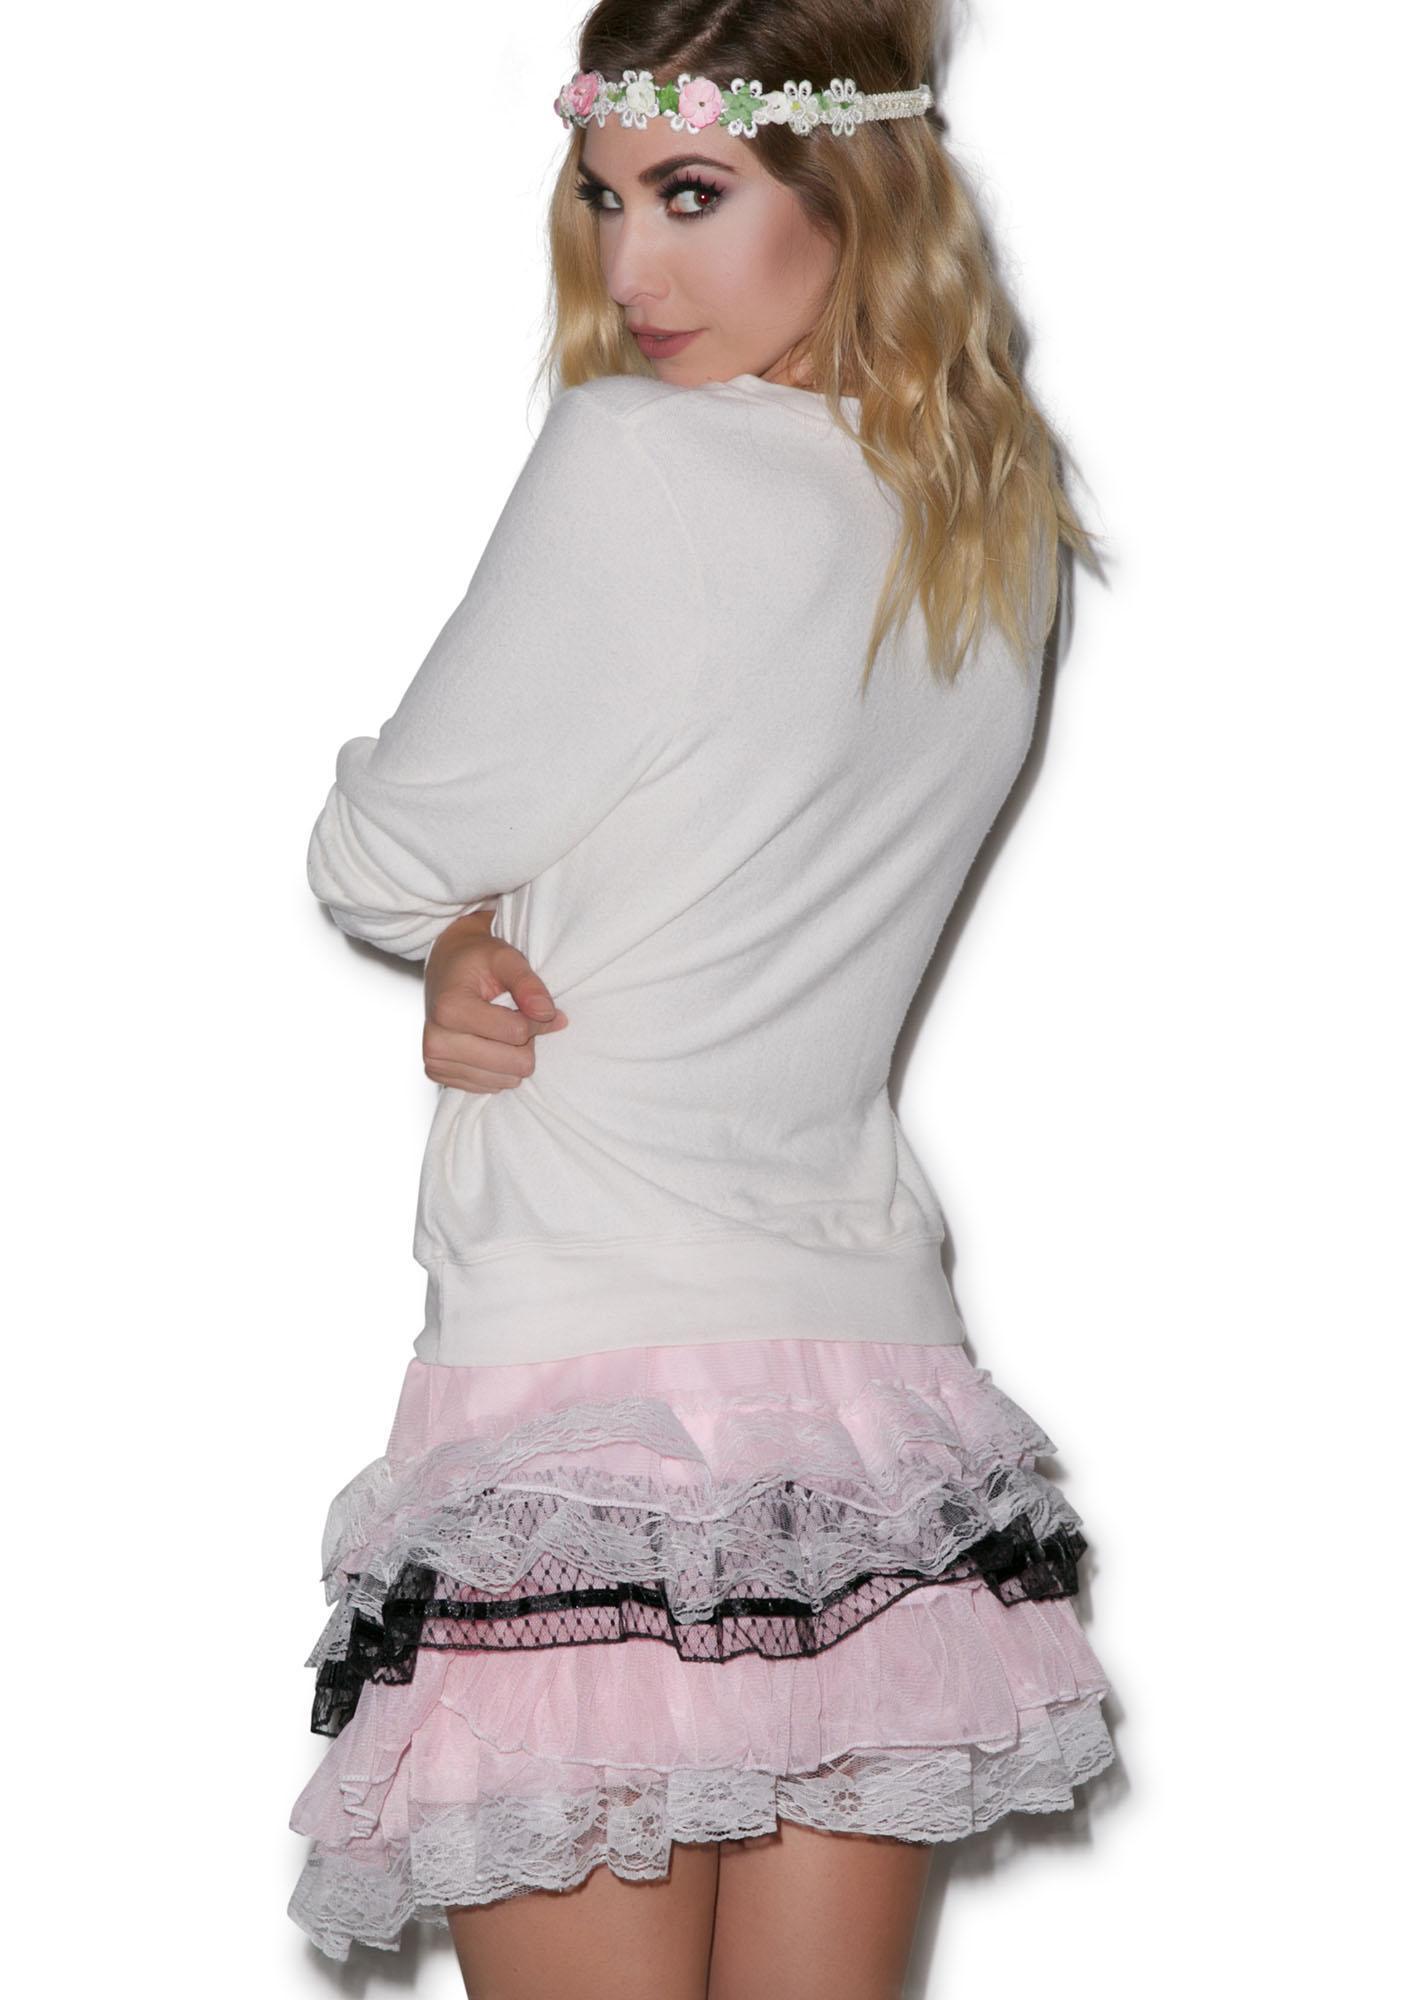 Vexed Ruffle Skirt